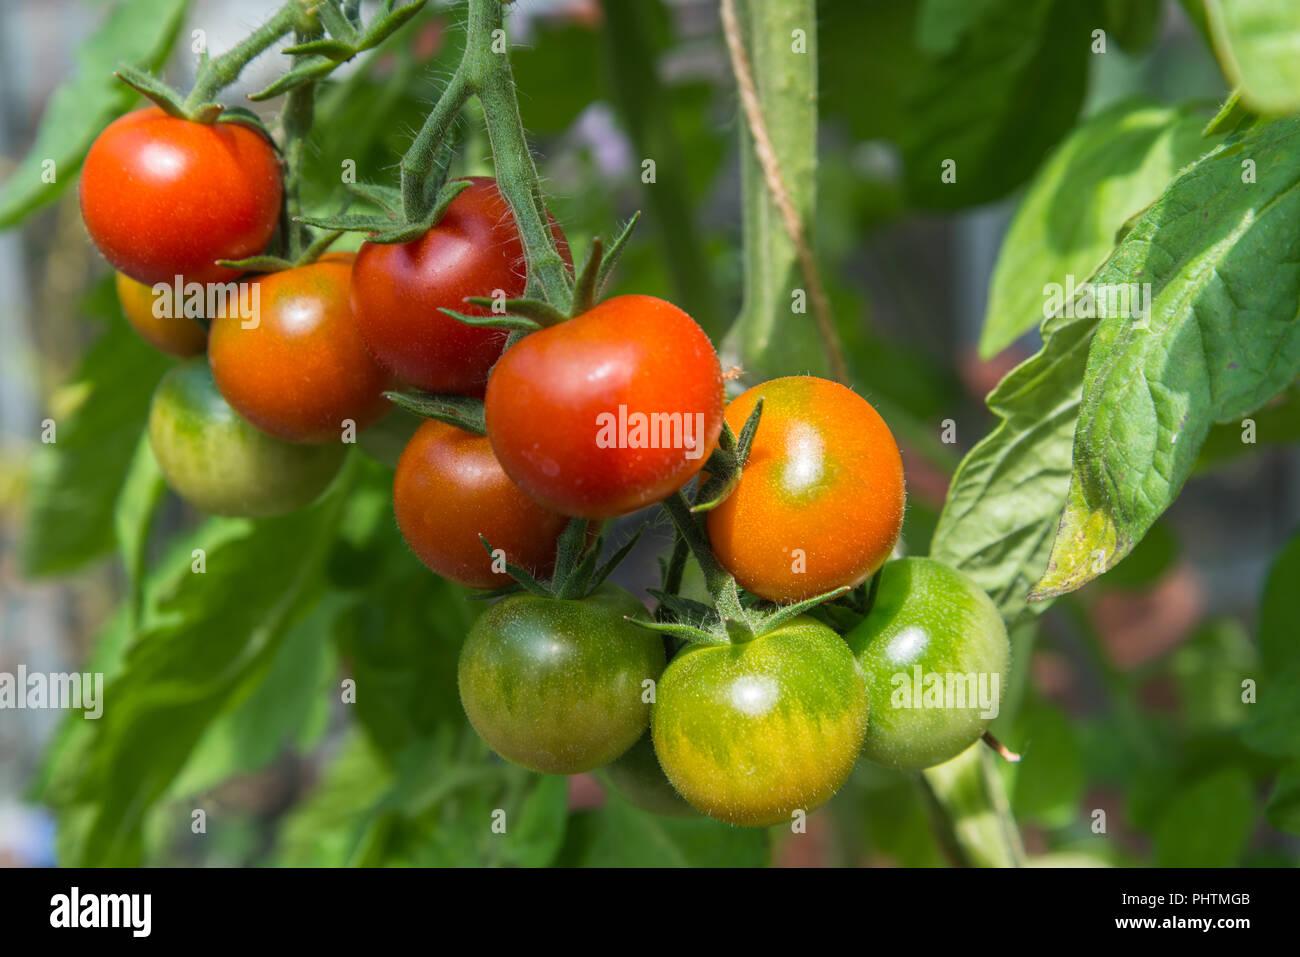 Prächtig In der Nähe von Fachwerk von Rot und Grün Cherry Tomaten reifen &GI_39